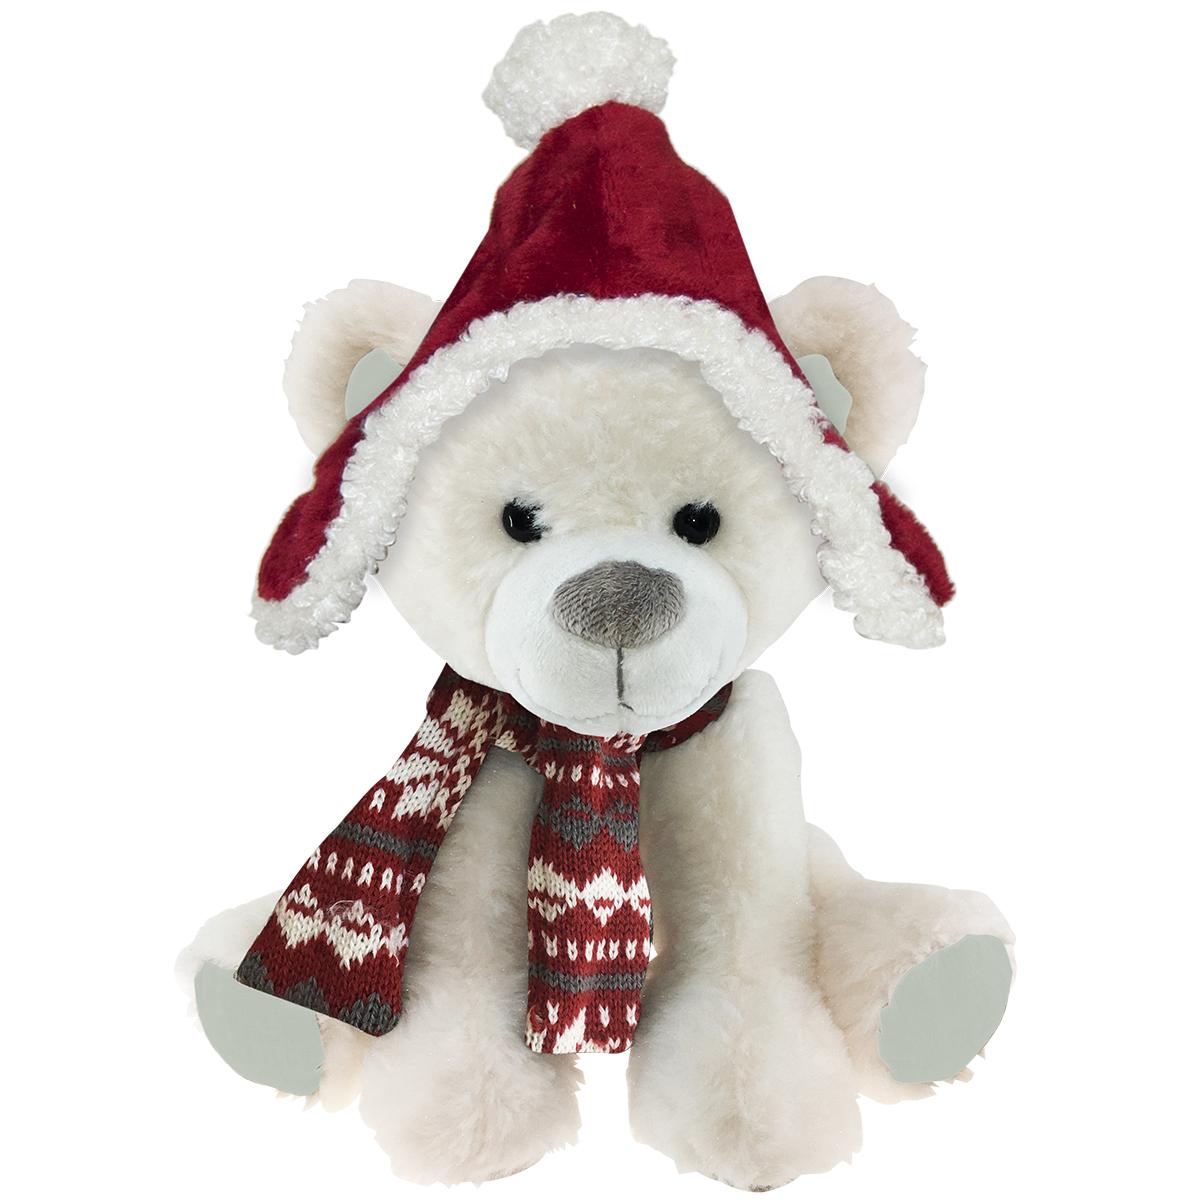 Peluche design \'Teddy Bear\' blanc bonnet rouge - 45 cm - [Q3903]